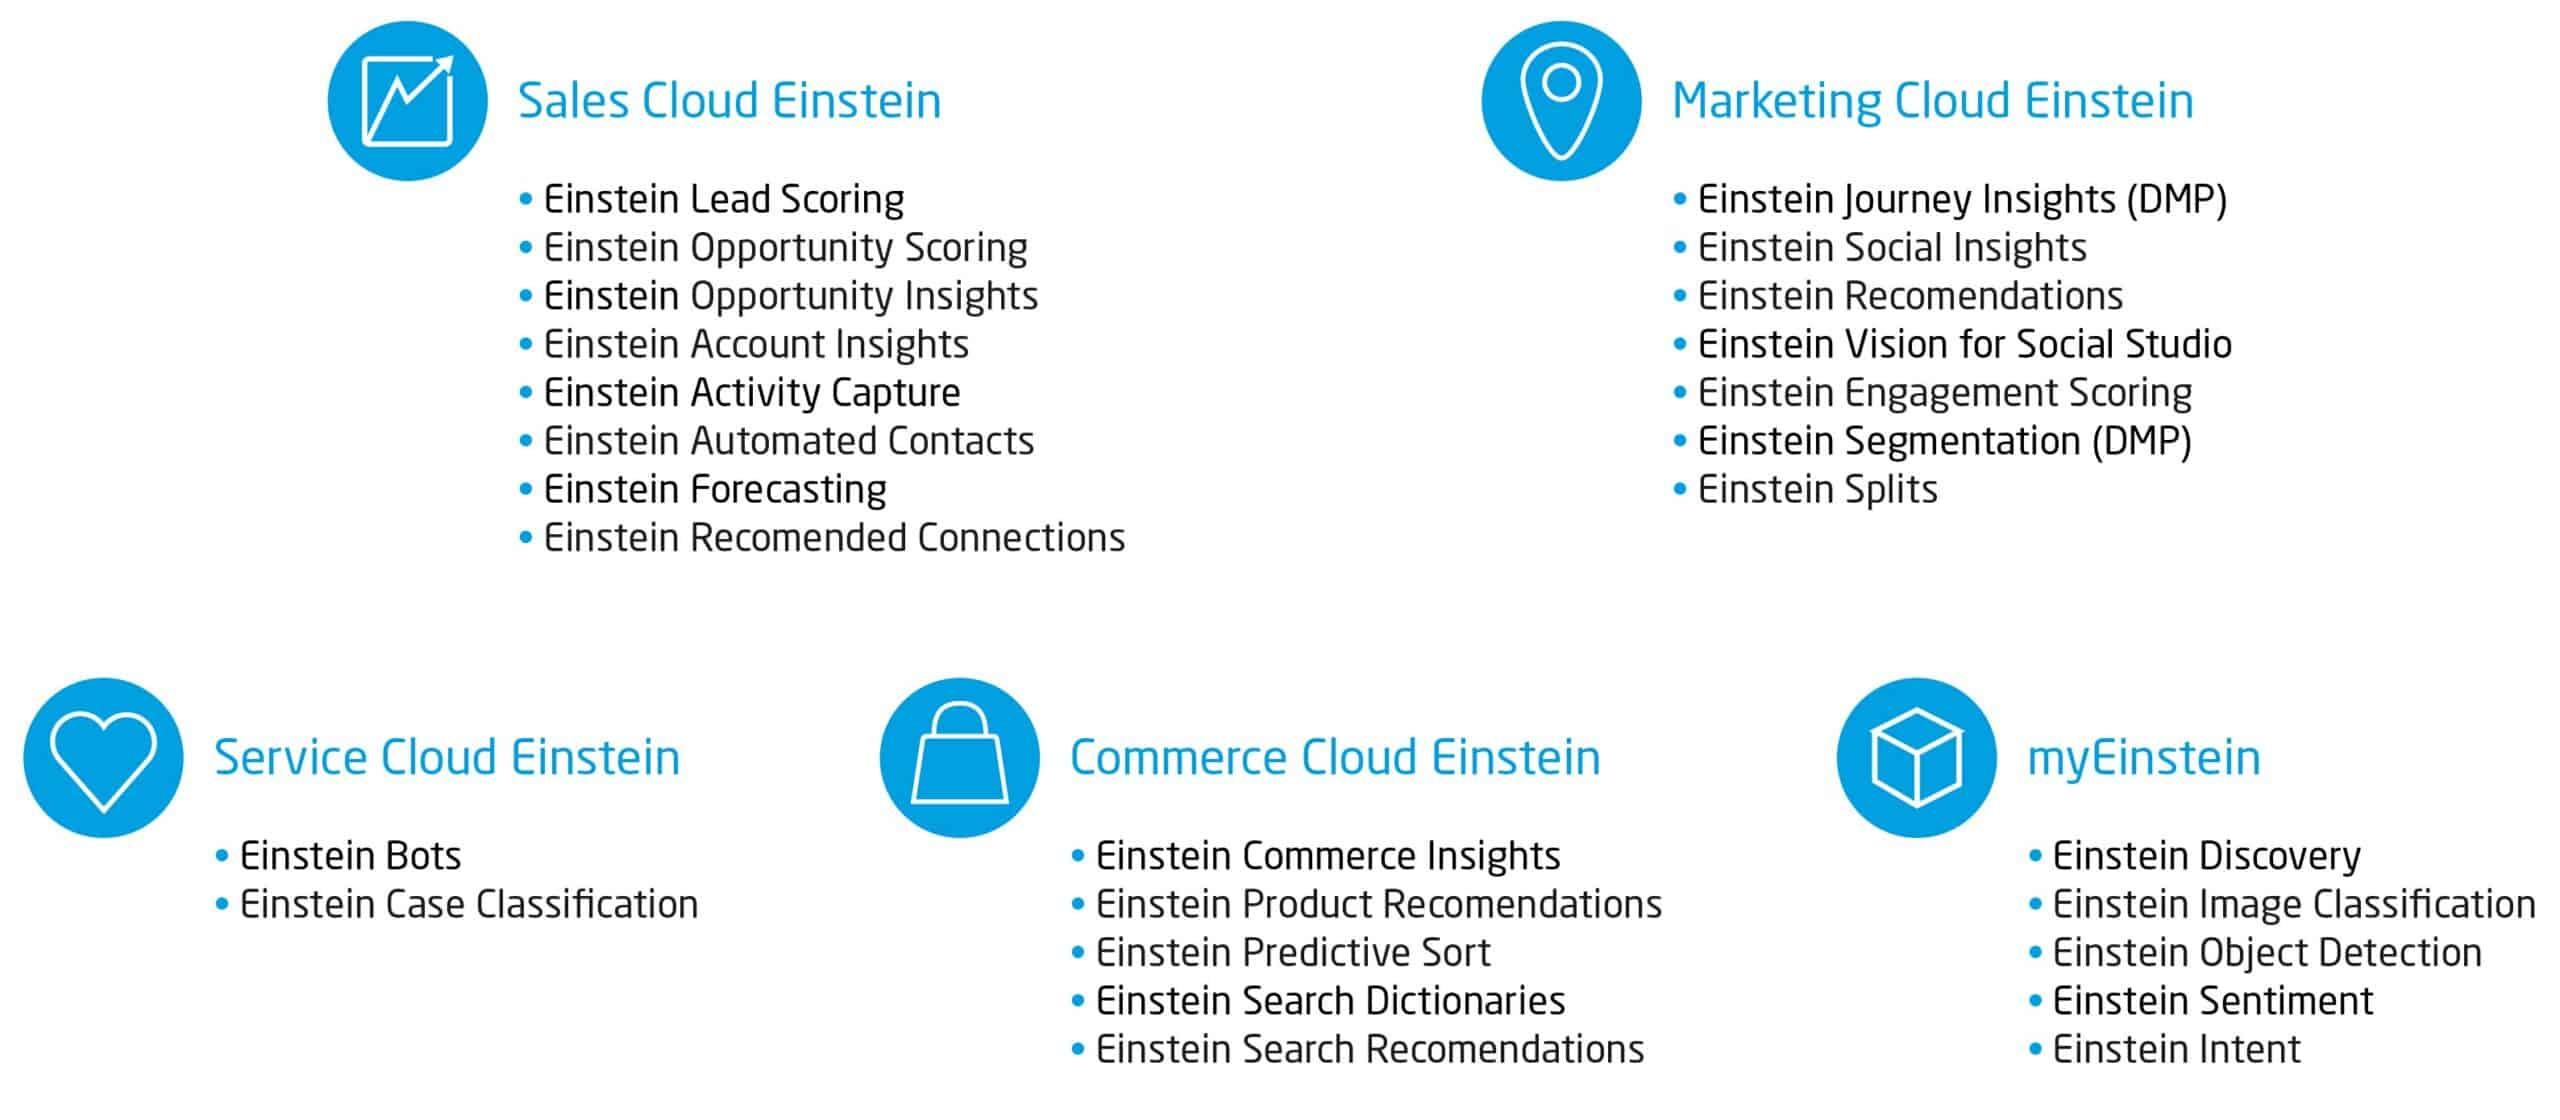 Tableau-CRM_Einstein-Analytics